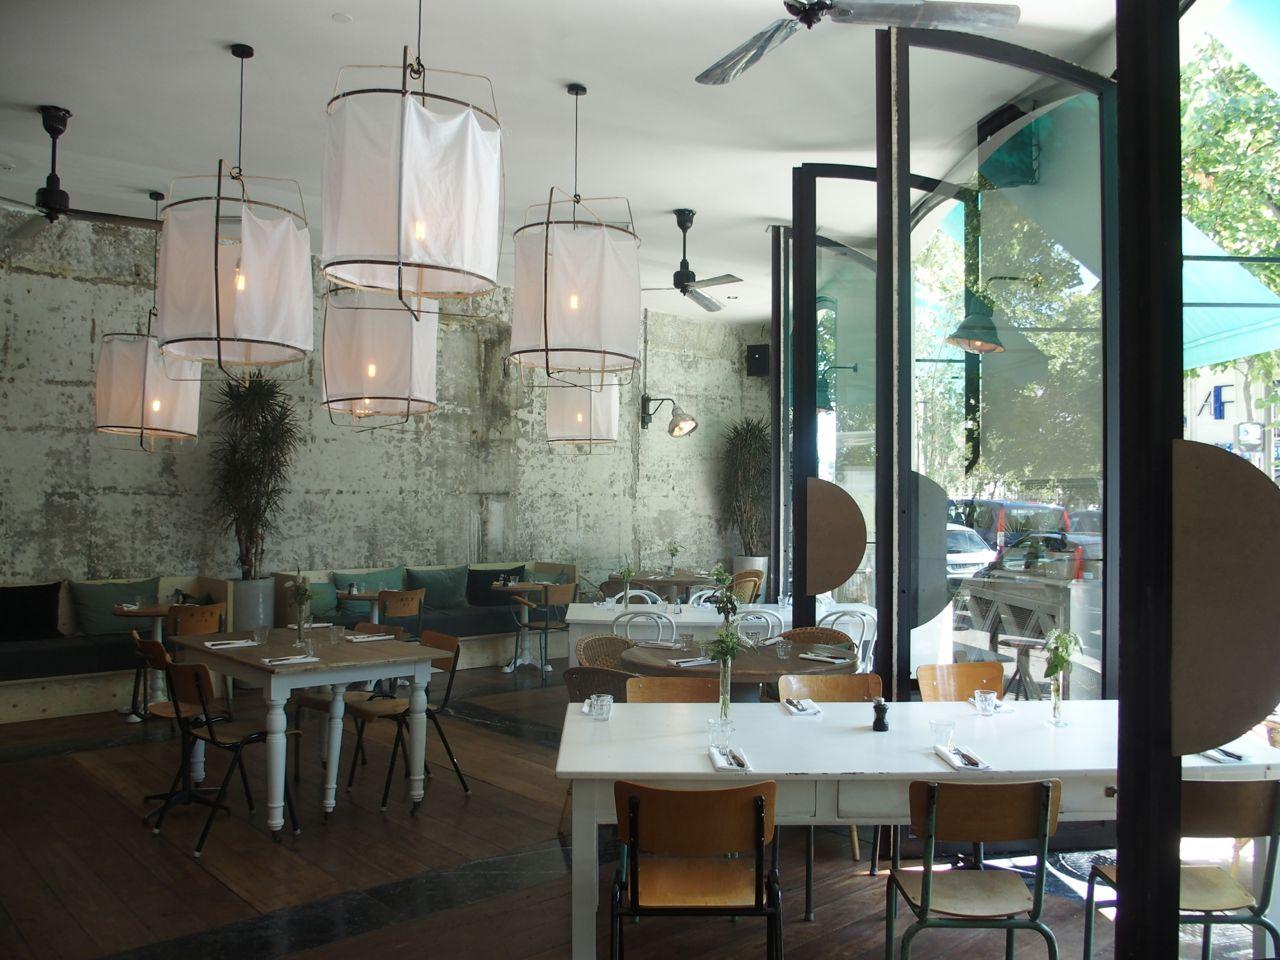 la brasserie d 39 auteuil soleil bbq et rooftop the parisienne. Black Bedroom Furniture Sets. Home Design Ideas